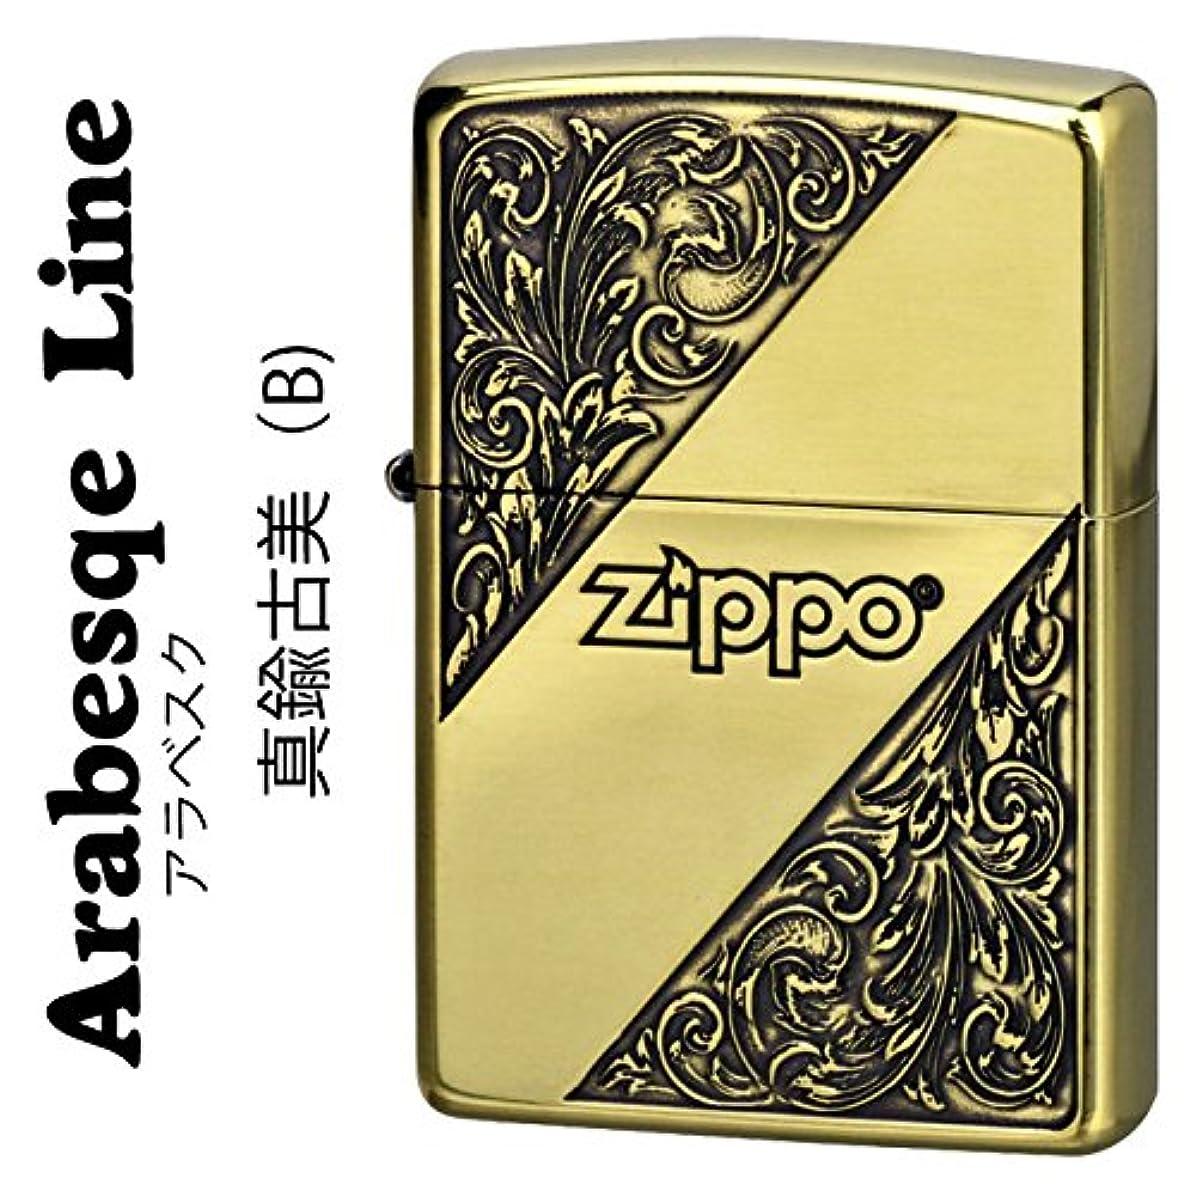 流用する驚かす値【ZIPPO】 ジッポーライター オイル ライター アラベスクライン B 真鍮古美